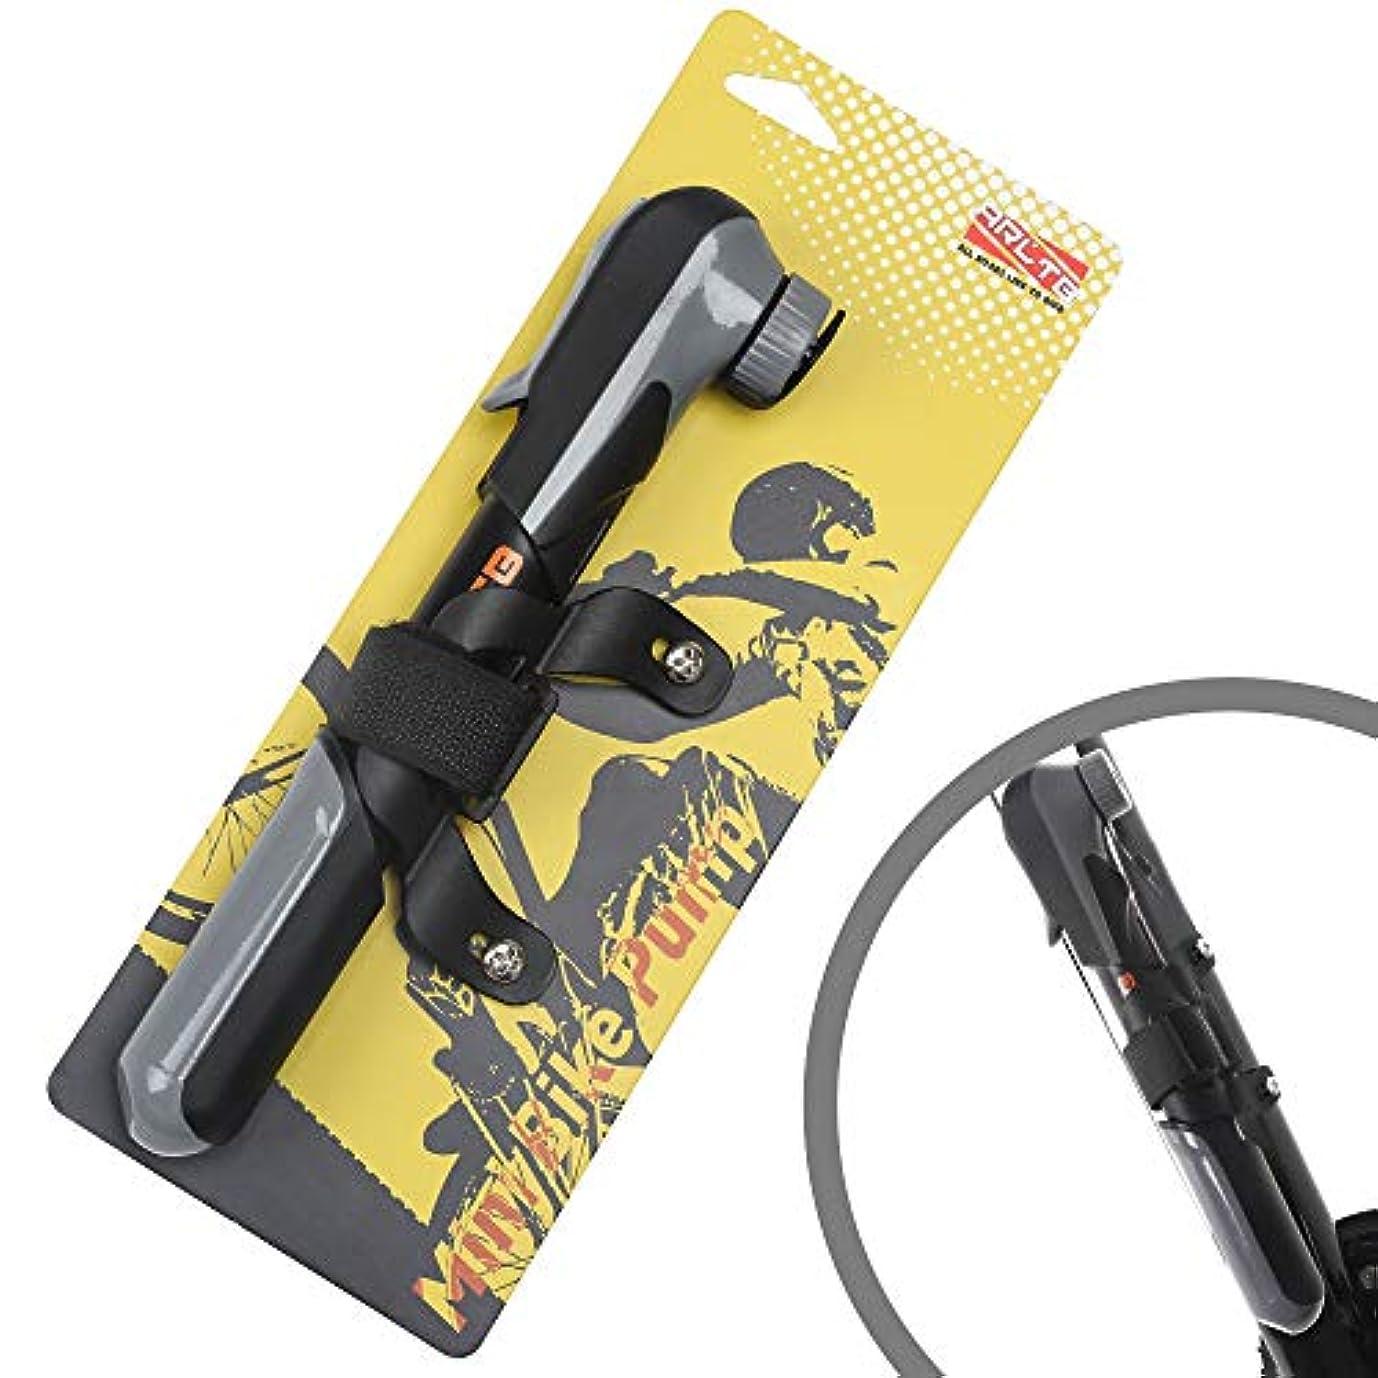 近似トランク浜辺Arltb 自転車ミニポンプ 自転車 空気入れ ミニ携帯ポンプ ミニポンプ 高圧力